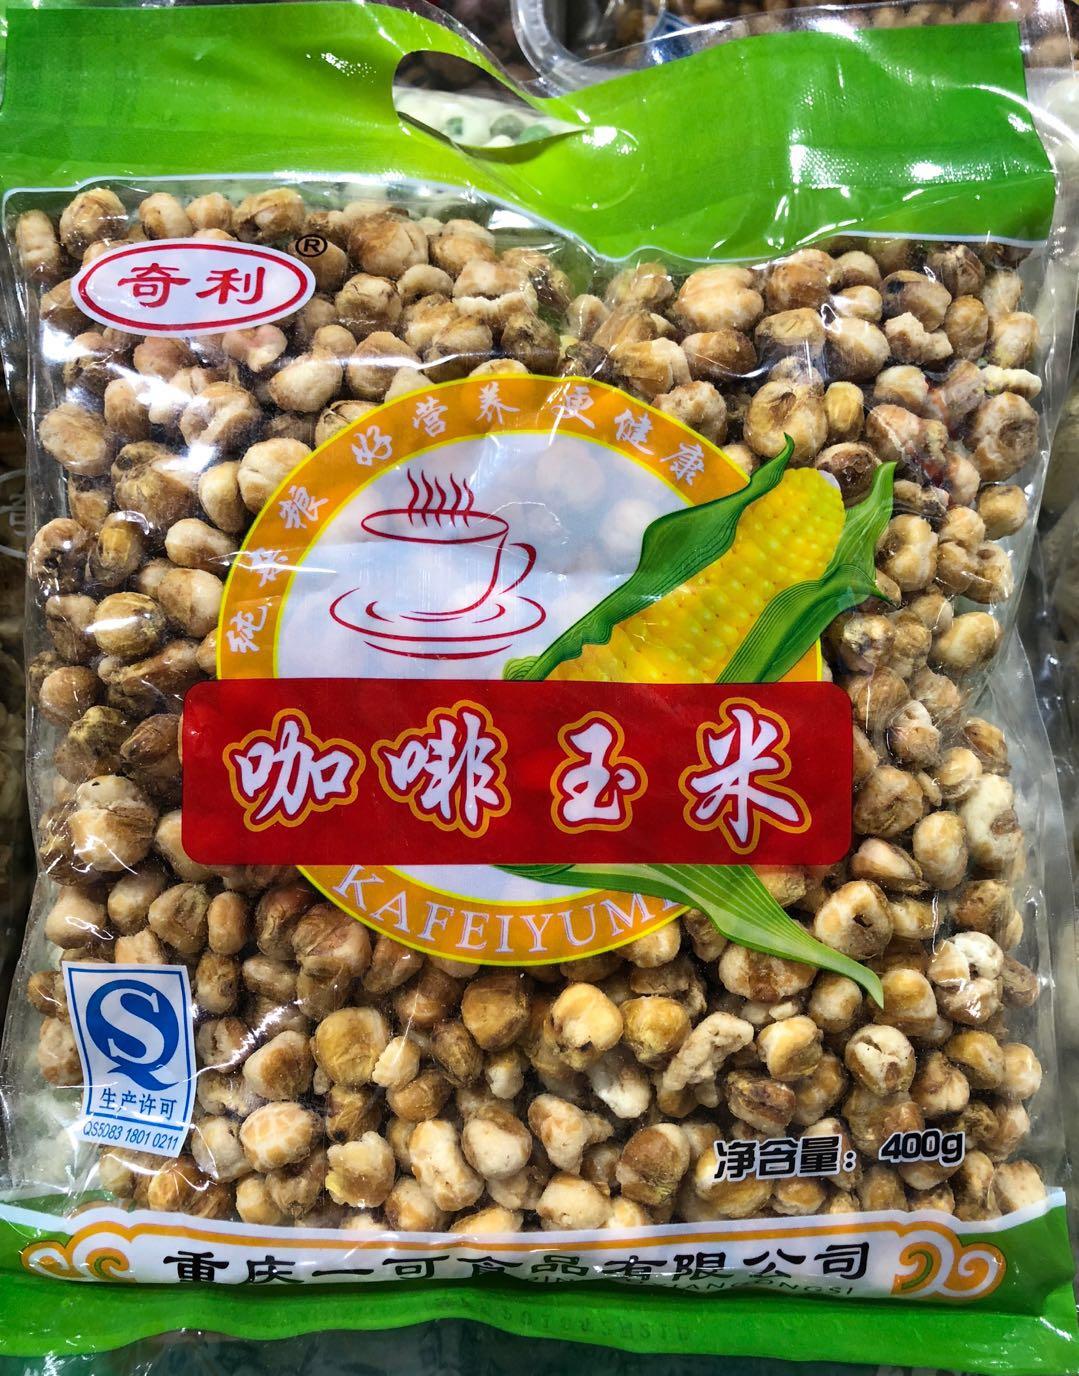 【一袋包邮】咖啡玉米开袋即食爆米花黄金豆开心袋400g 整件优惠